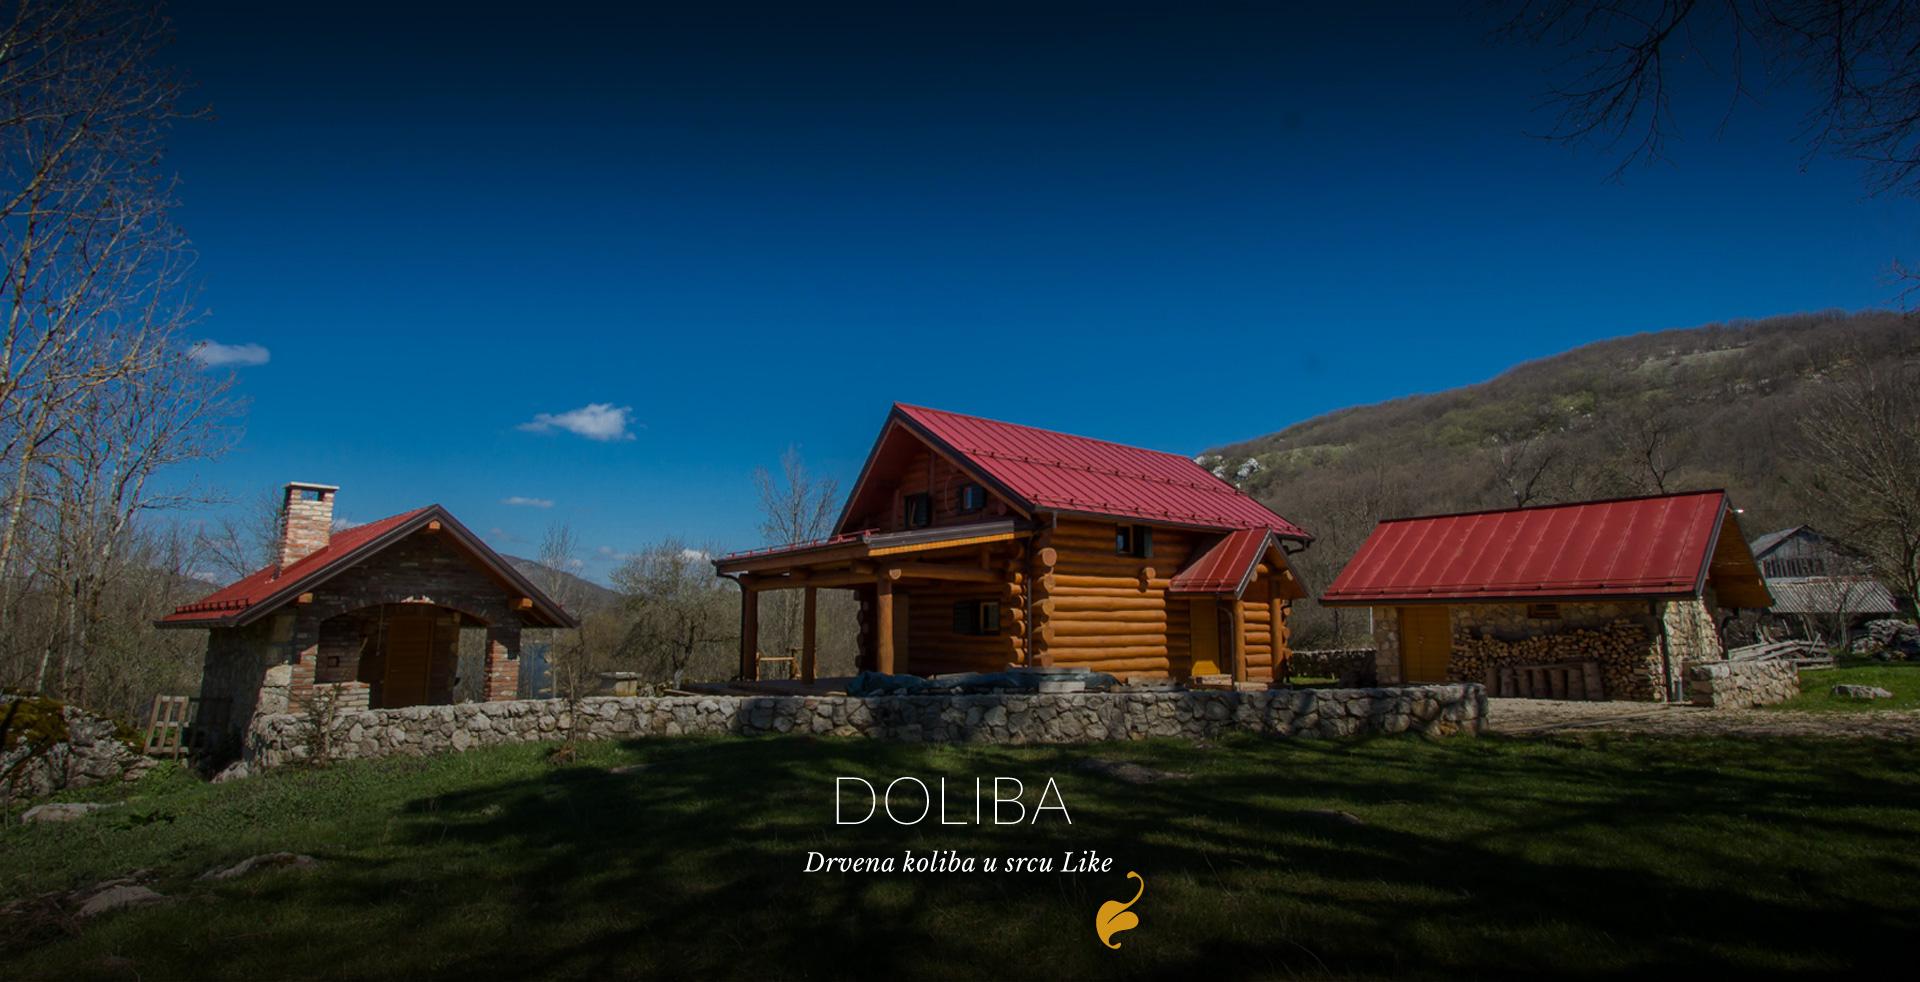 doliba_slide4